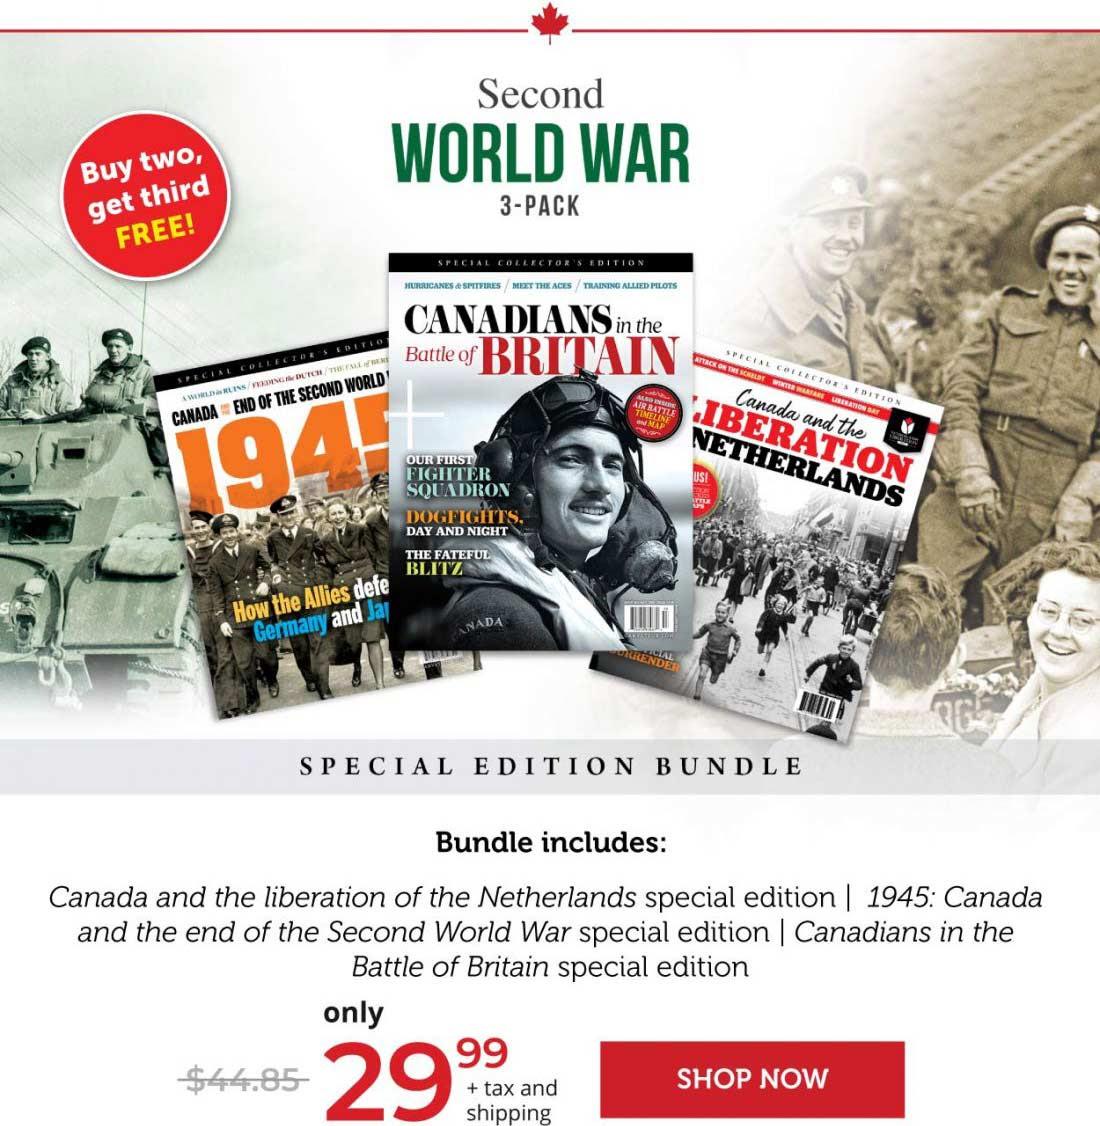 Second World War 3-Pack